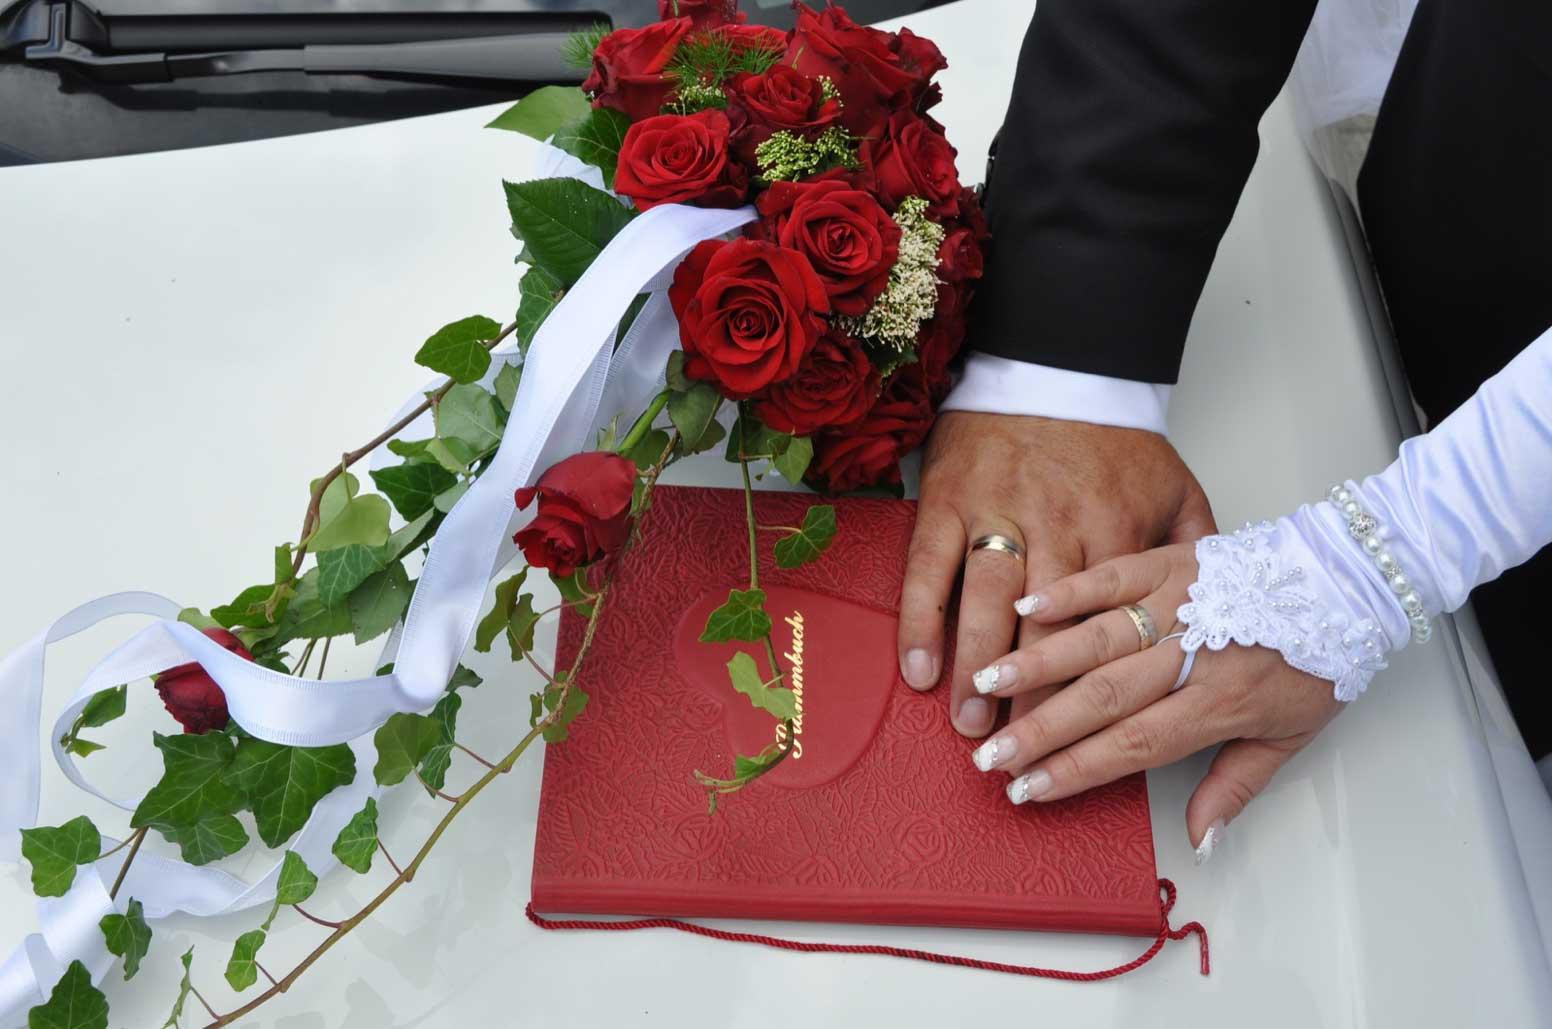 Hochzeitstage Mit Familie Feiern - Hochzeit Heirat